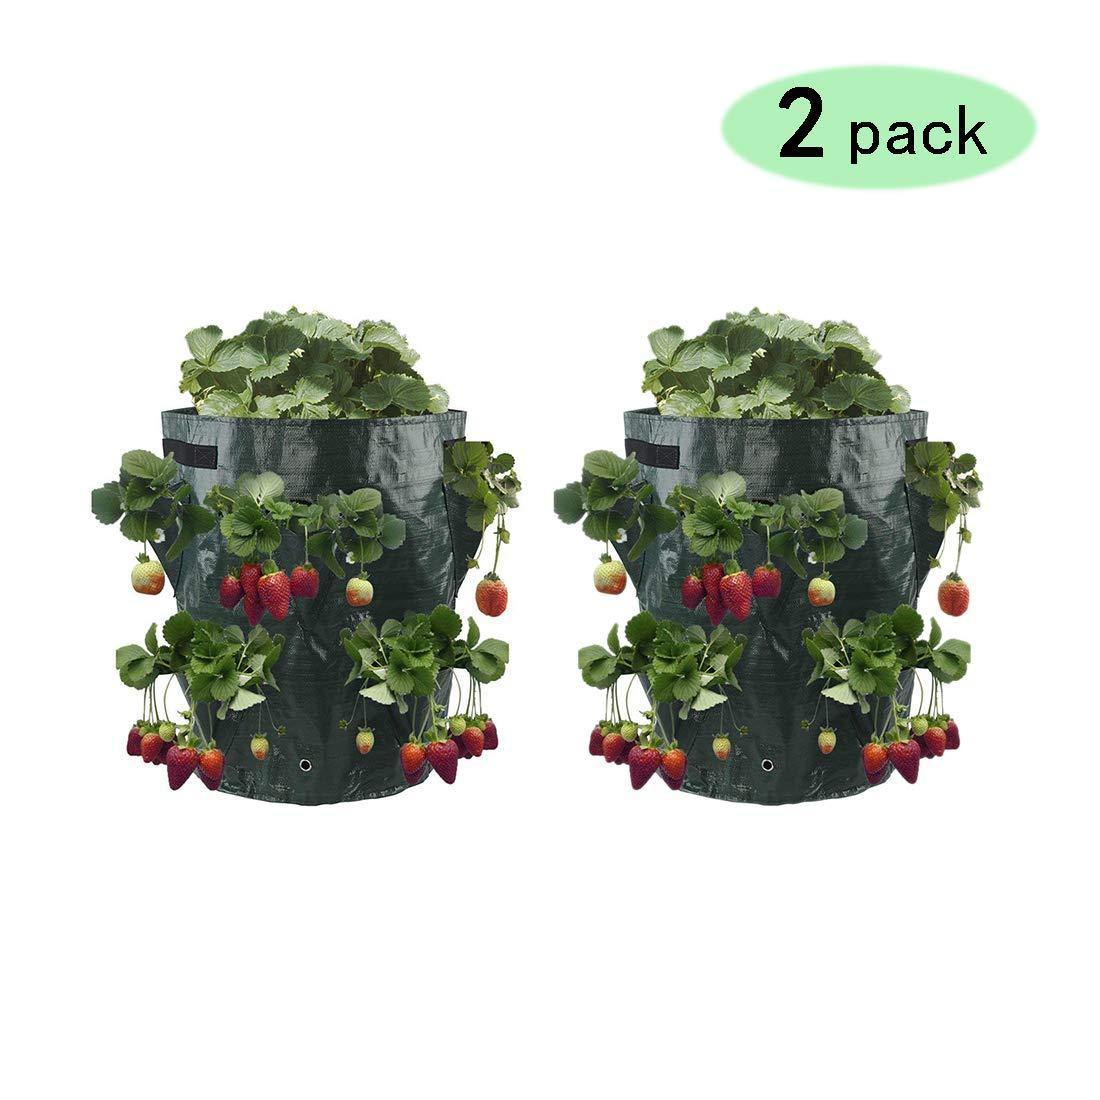 Rolanli Sac de Plantation 2pcs Sacs /à Plantes Fraisier Croissance Sac Avec 8 Poches Pour Plantation et Pot de Fleurs